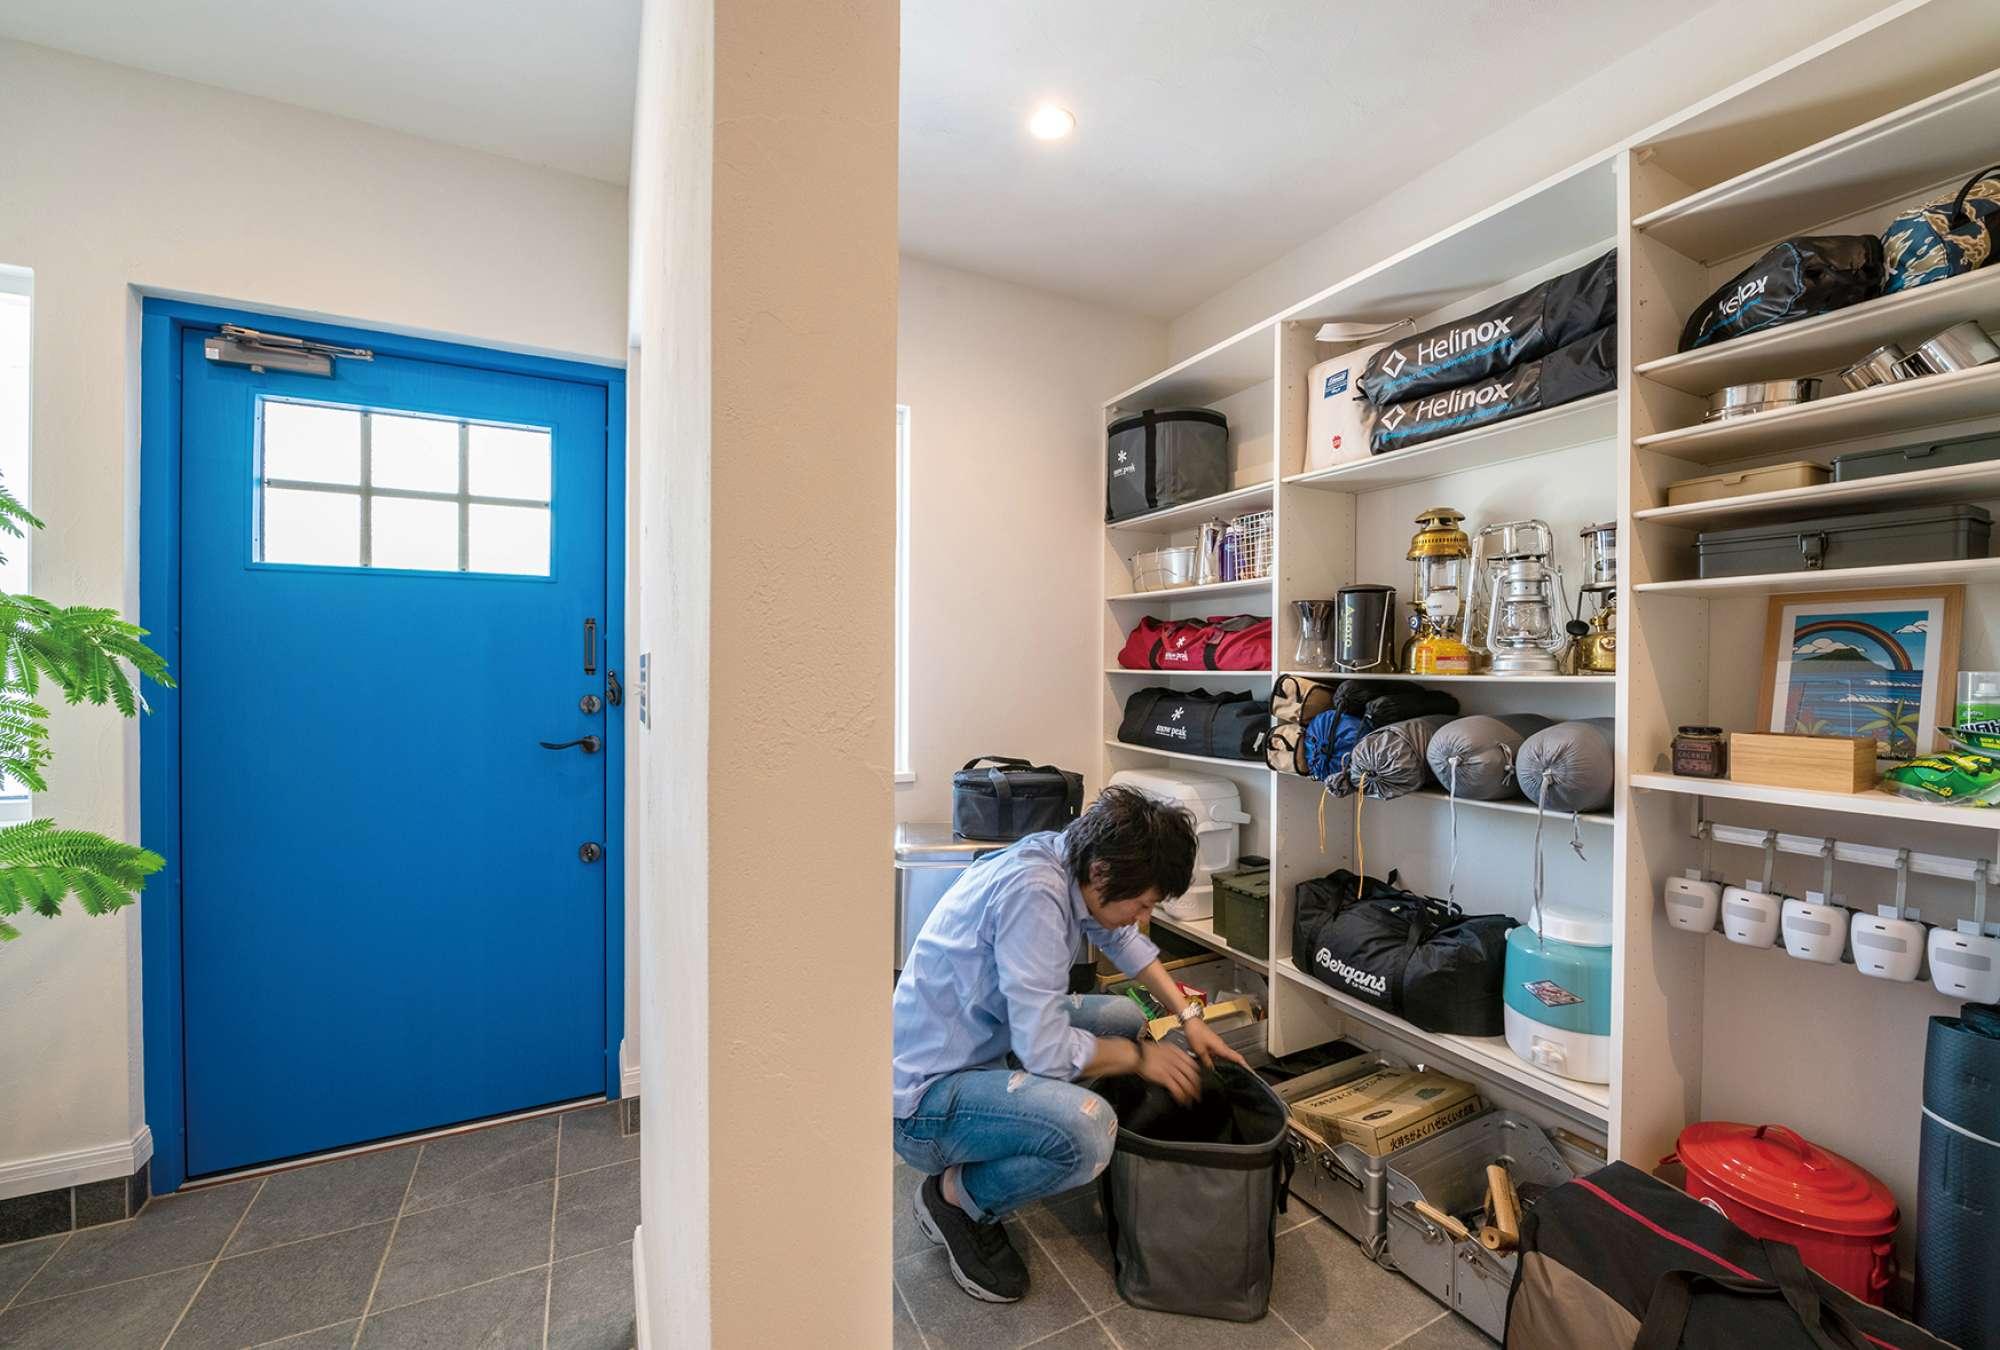 - 玄関にはキャンプ道具もたくさん収納できる土間スペースが。 -  -